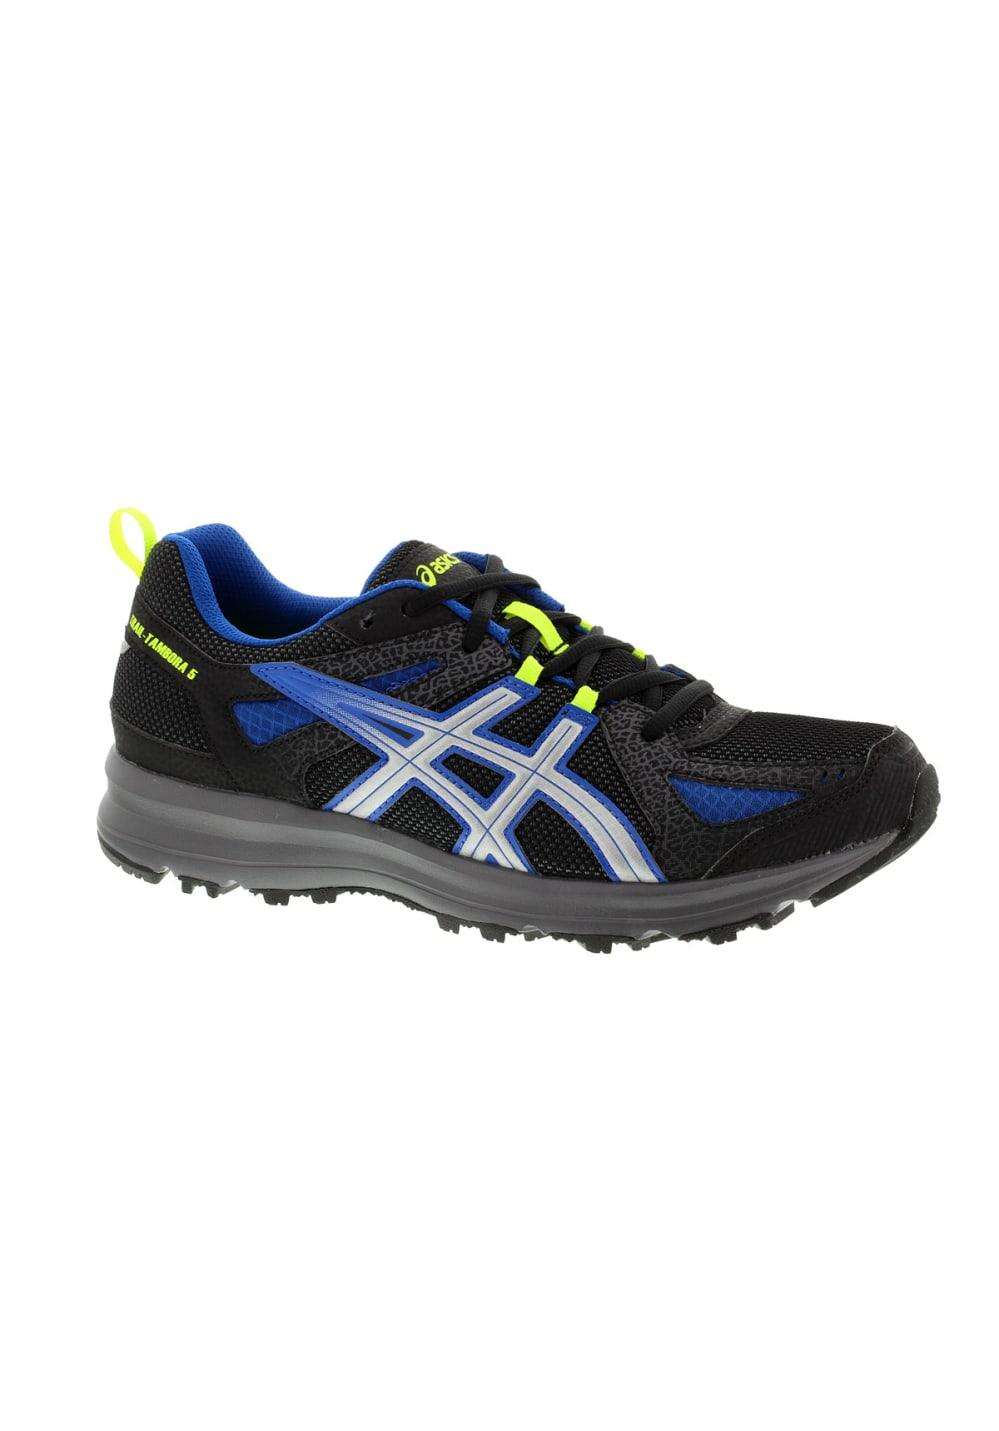 ASICS Trail Tambora 5 Zapatillas de running para Hombre Negro